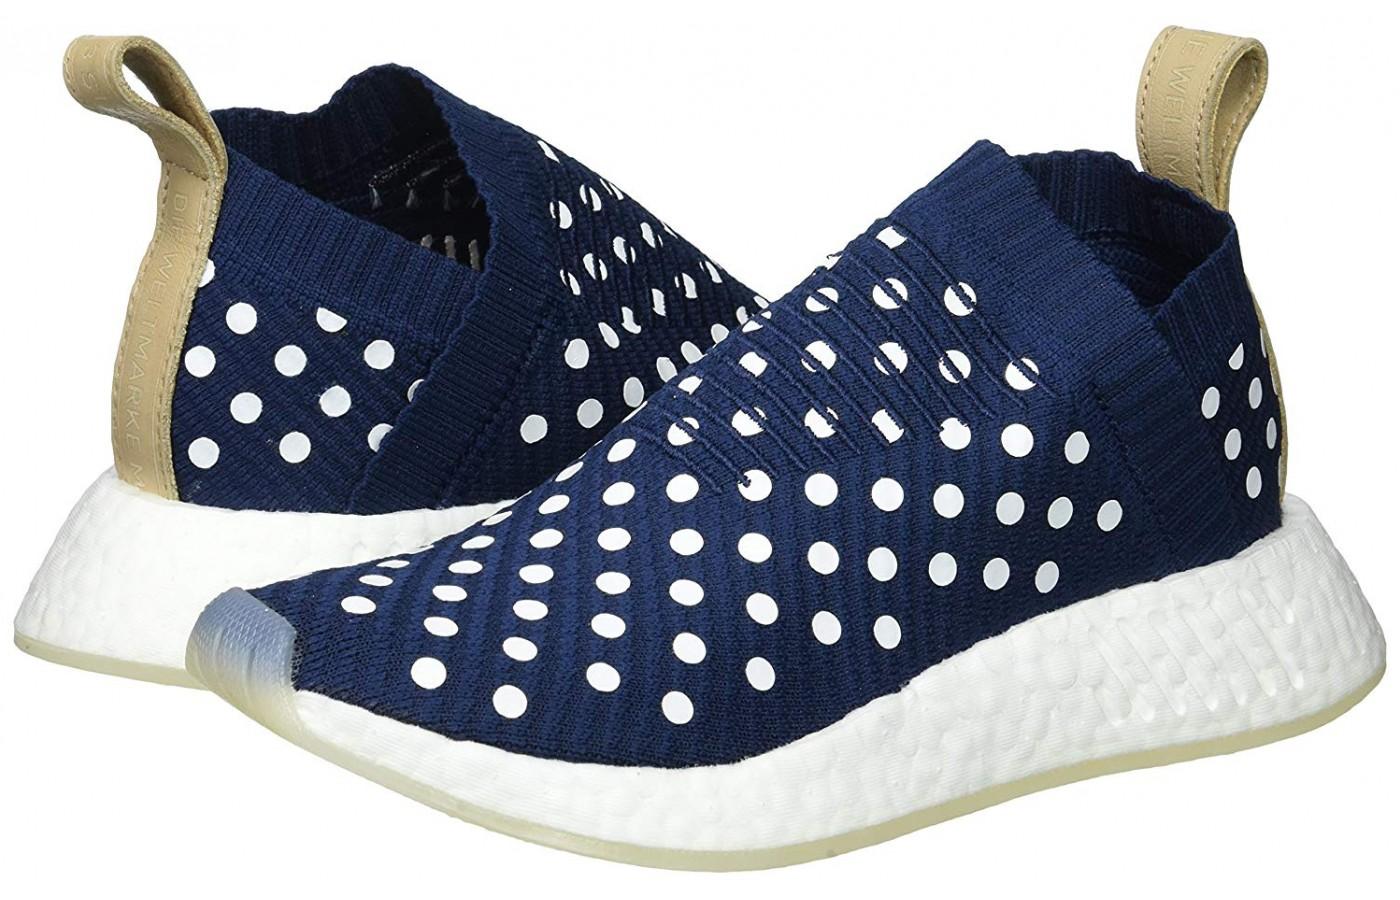 Adidas NMD_CS2 pair